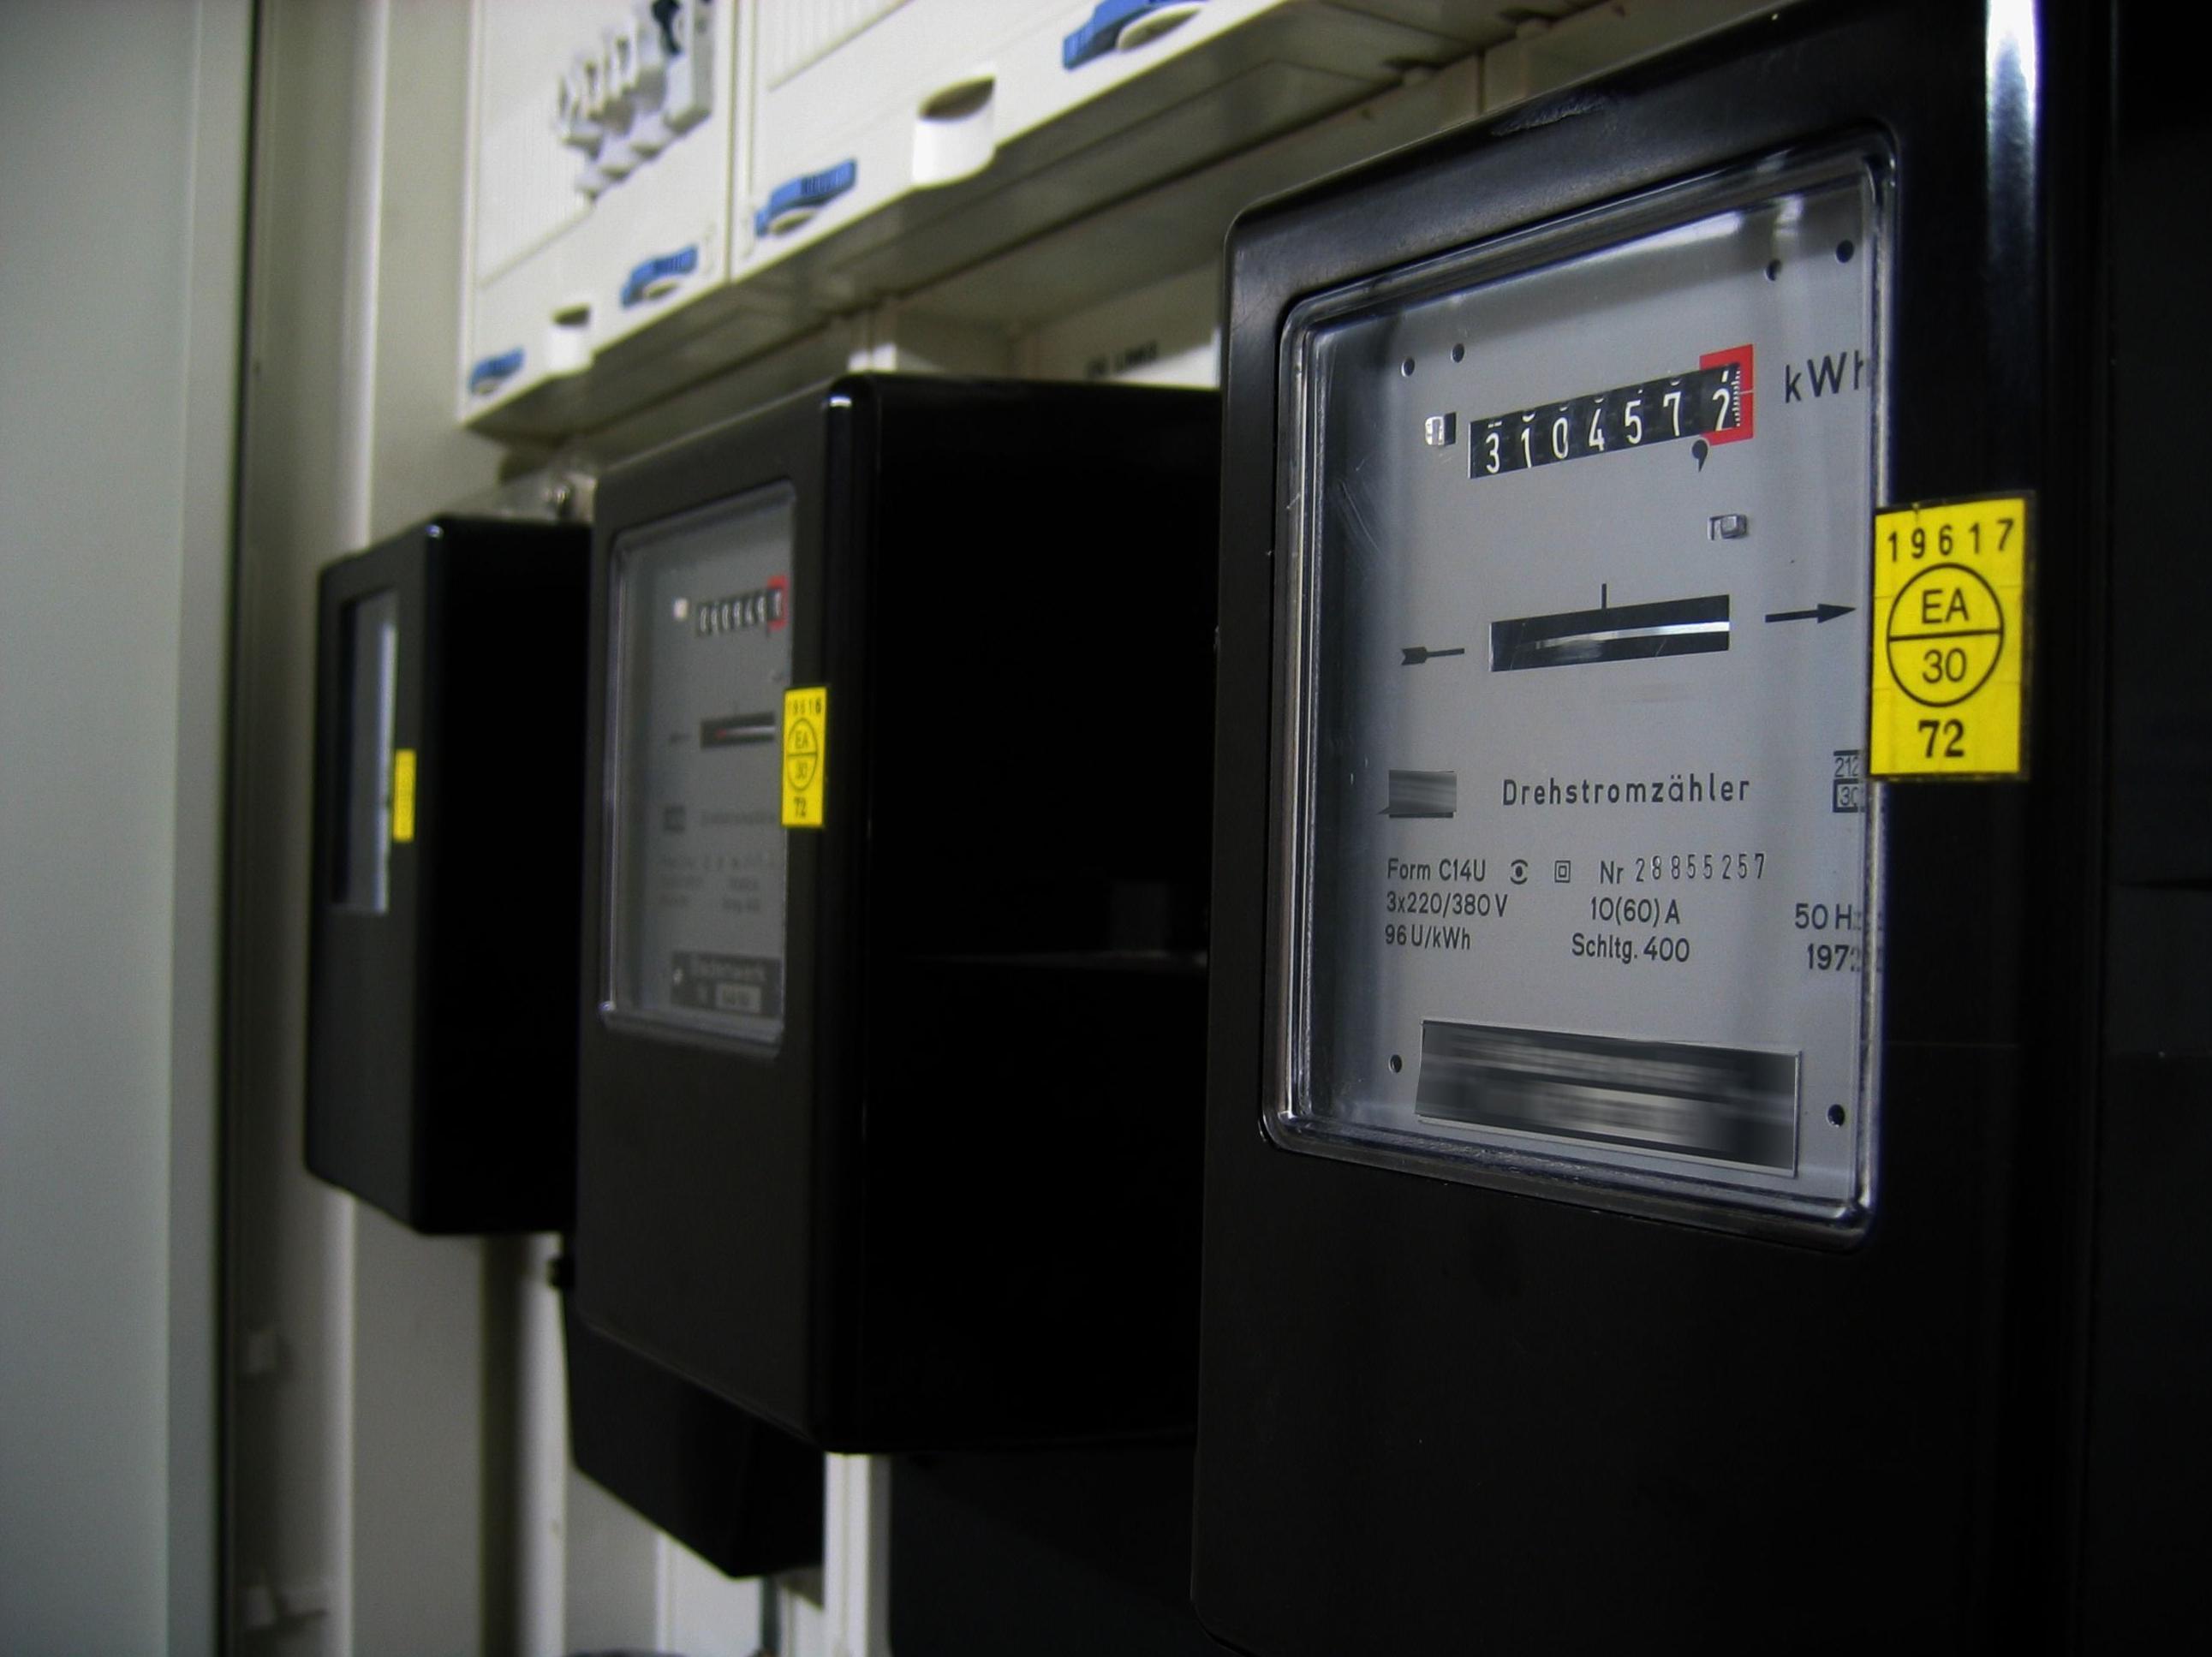 Instalaciones y reparaciones eléctricas en Alicante